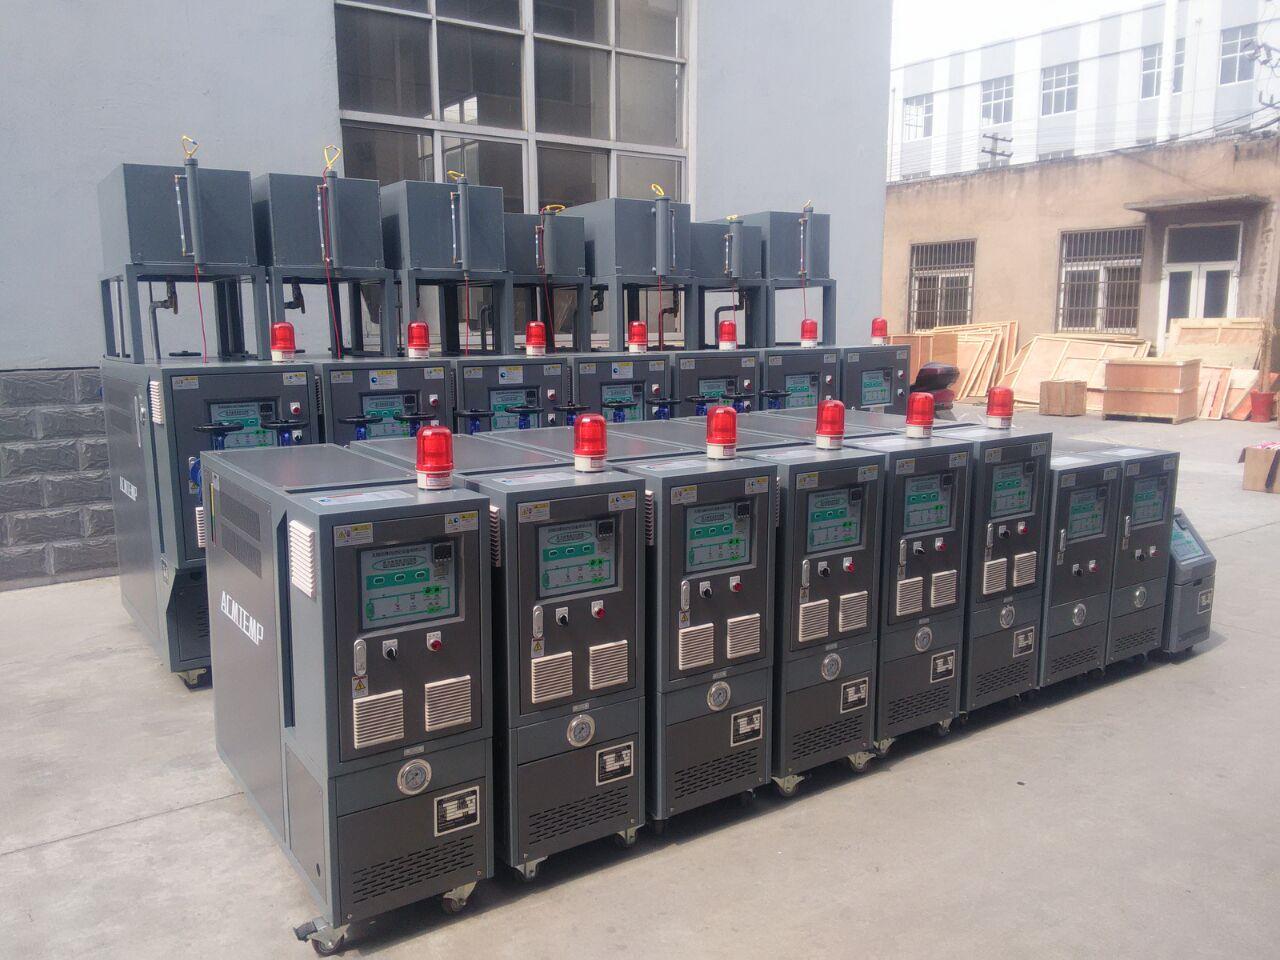 烟台橡胶挤出专业模温机,油加热器,电加热油炉找阿科牧机械